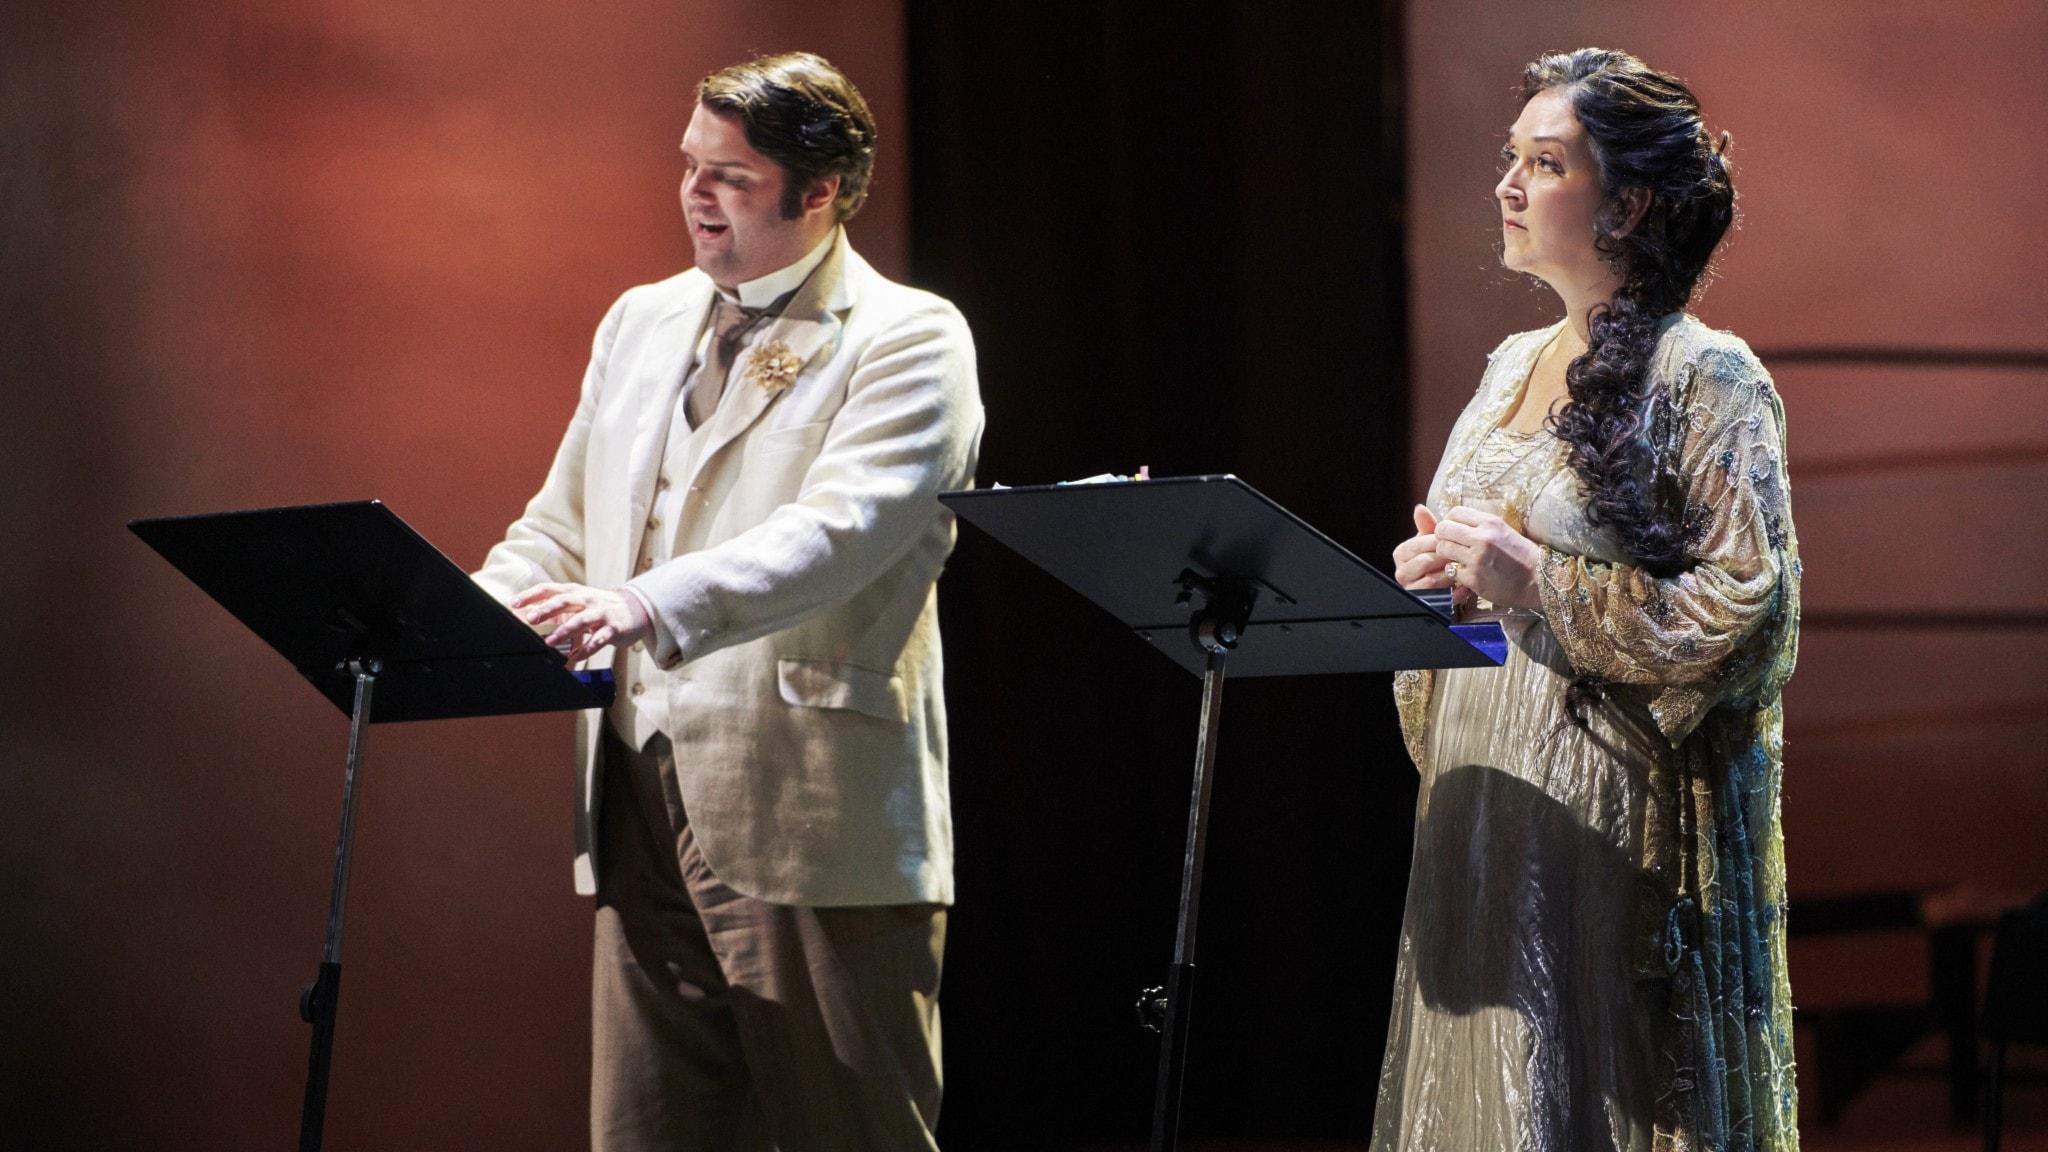 DIREKTSÄNDNING: La ville morte av Nadia Boulanger och Raoul Pugno